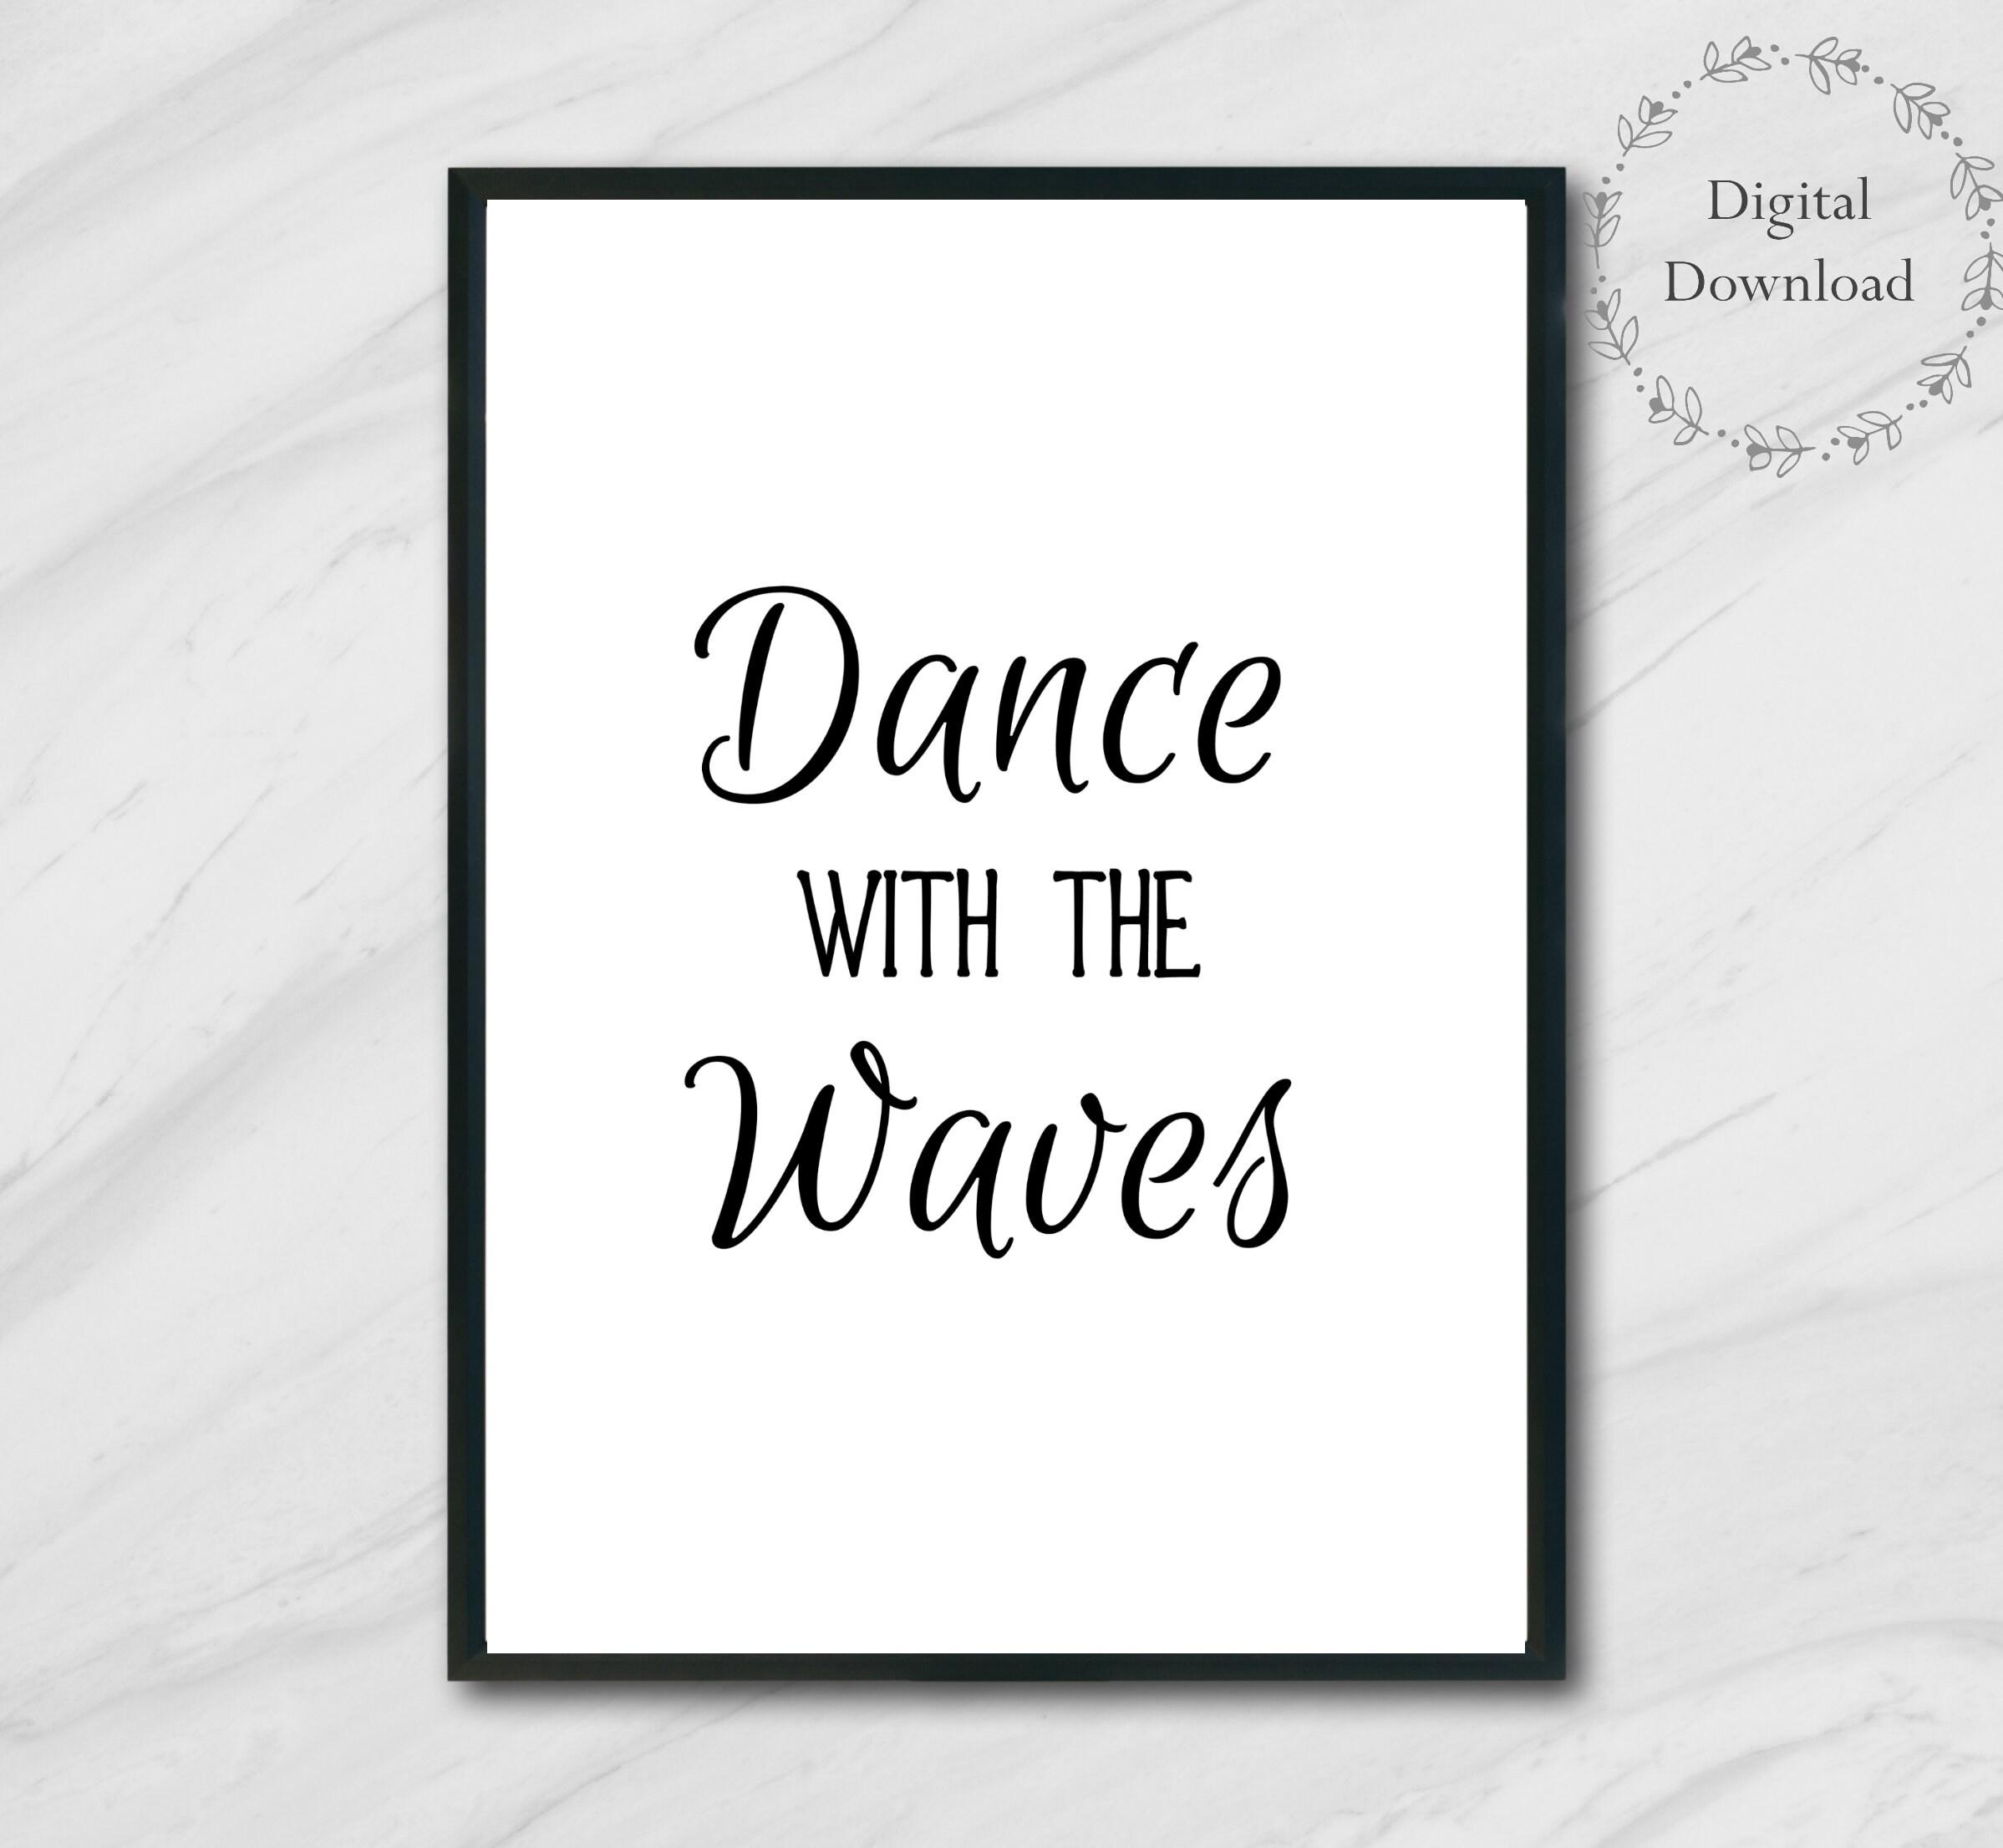 ocean decor printable quotes - beach decor wall art printables - 5